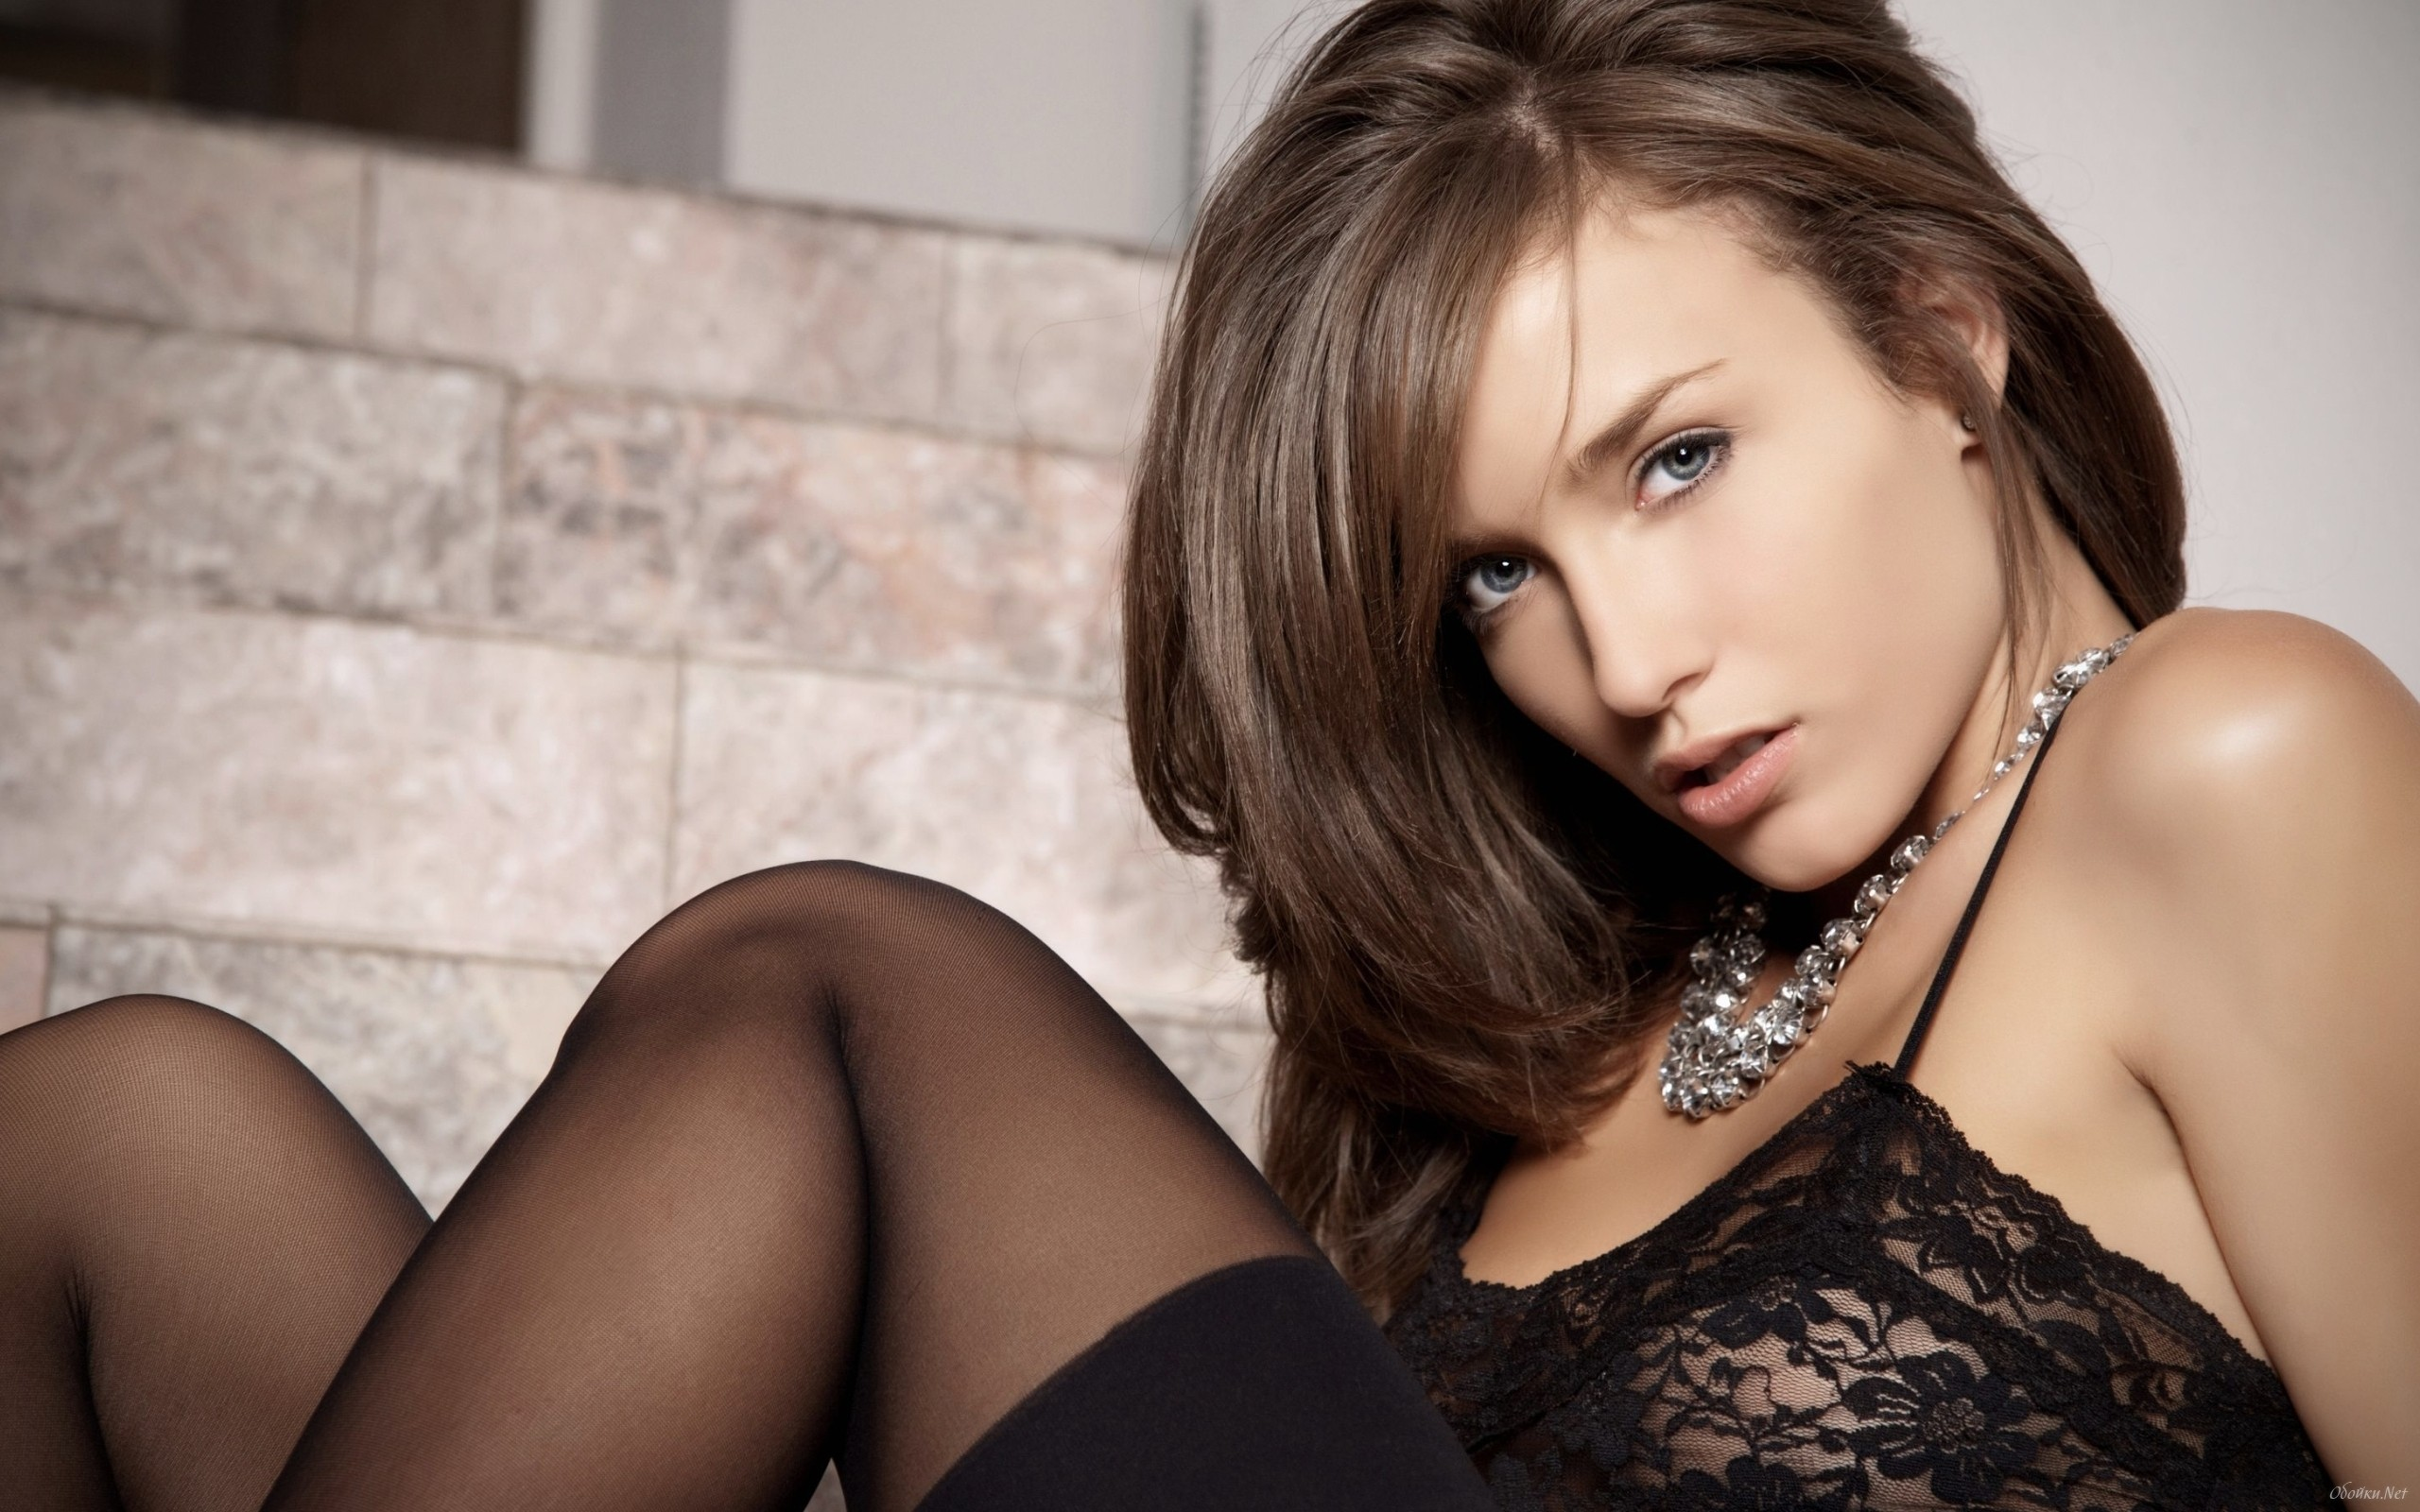 Malena funny and nice girl